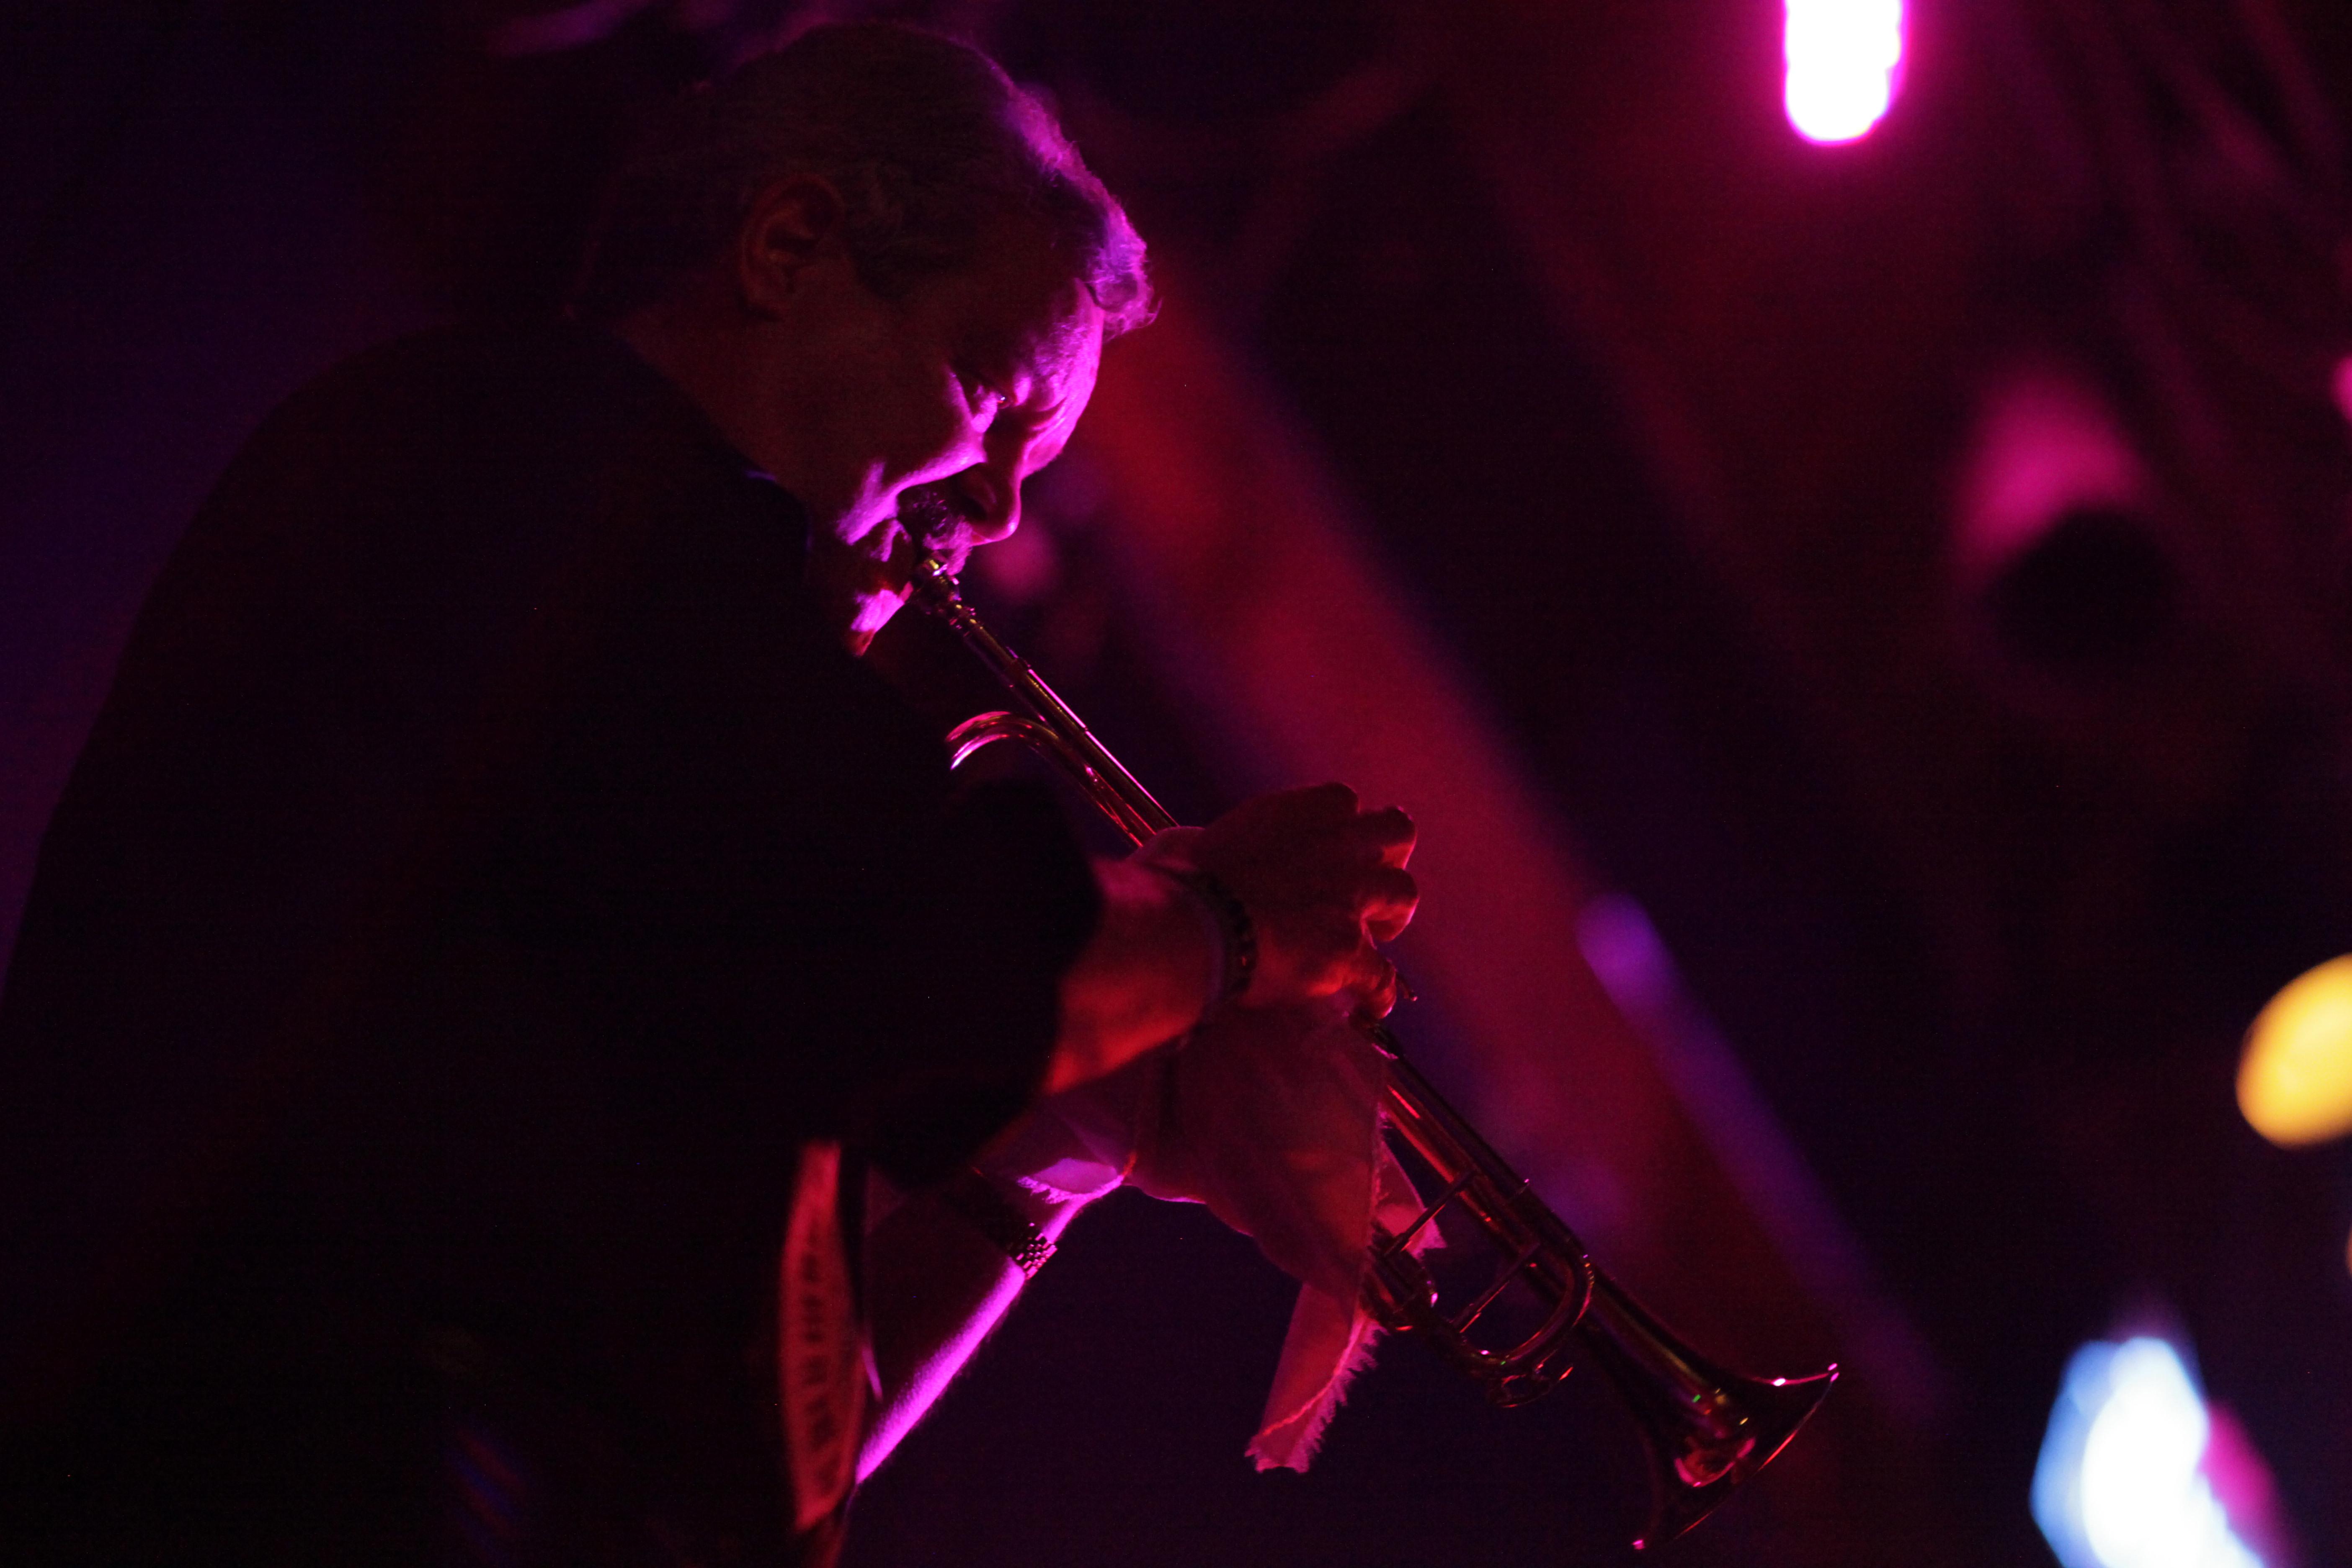 Russ Nester